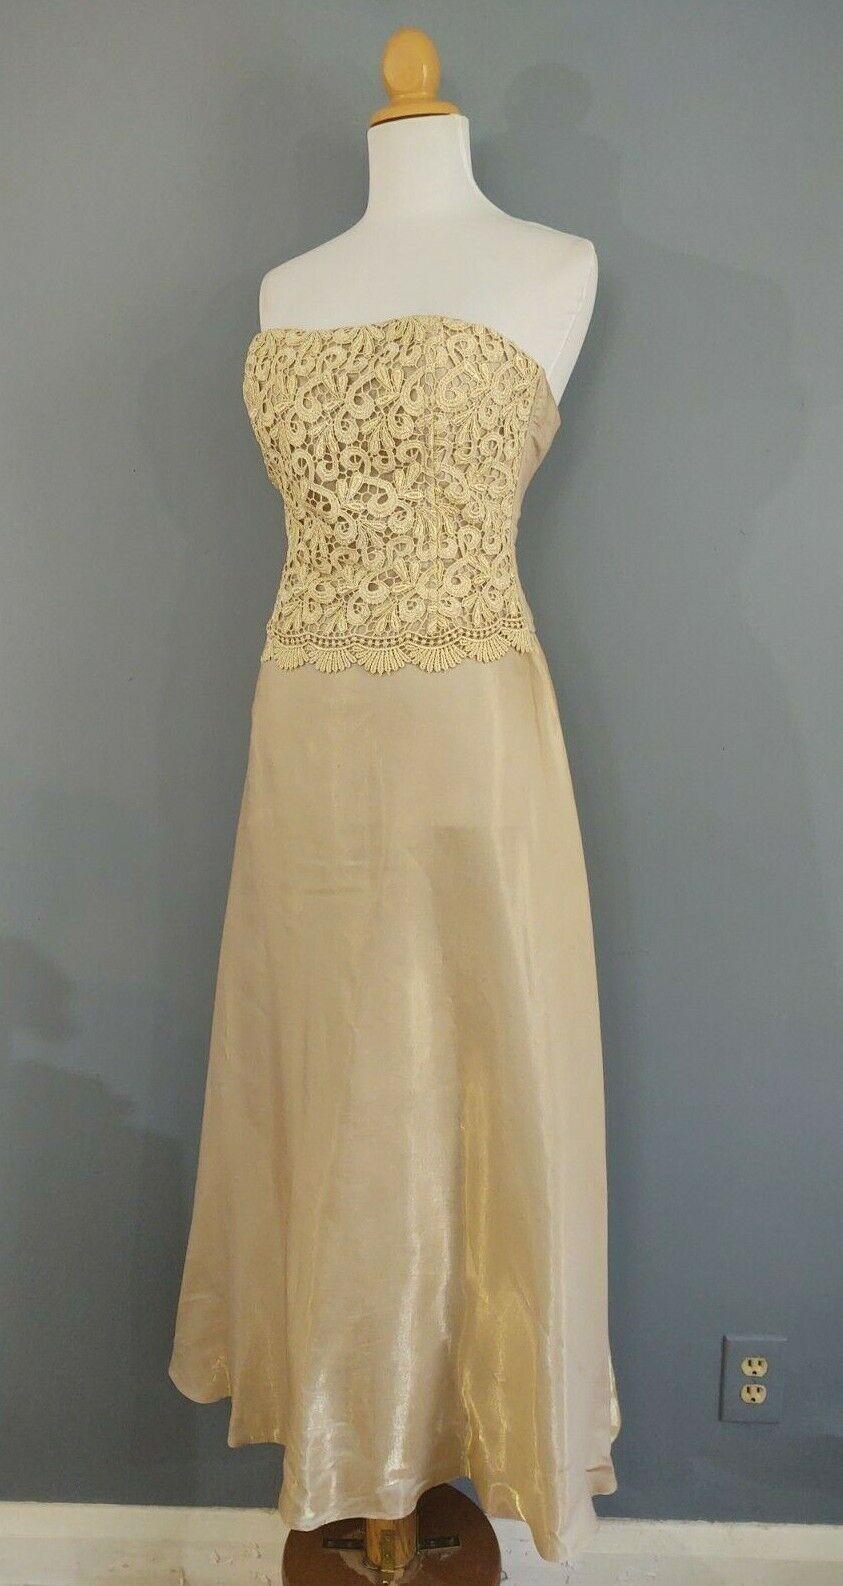 00's Scott McClintock Millennium 2000 Gold Strapless Party Gown Vintage Sz 6